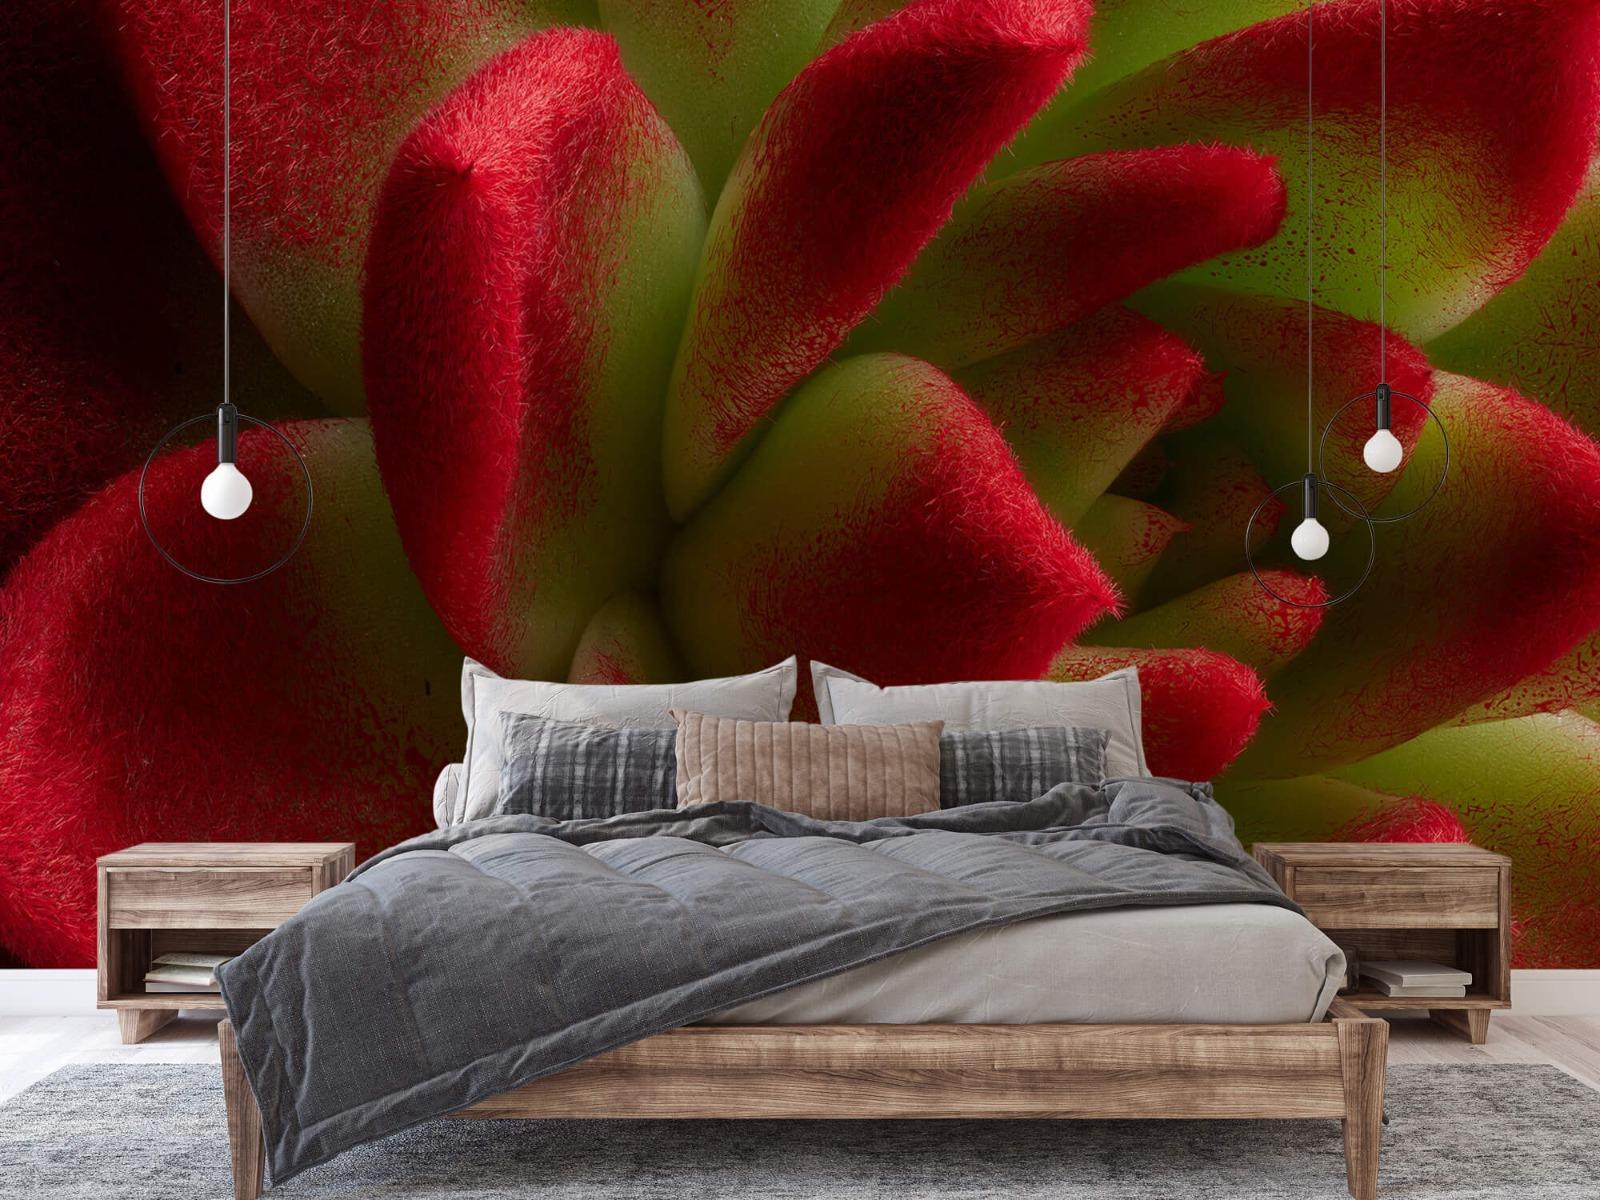 Overige - Rode cactus - Slaapkamer 1